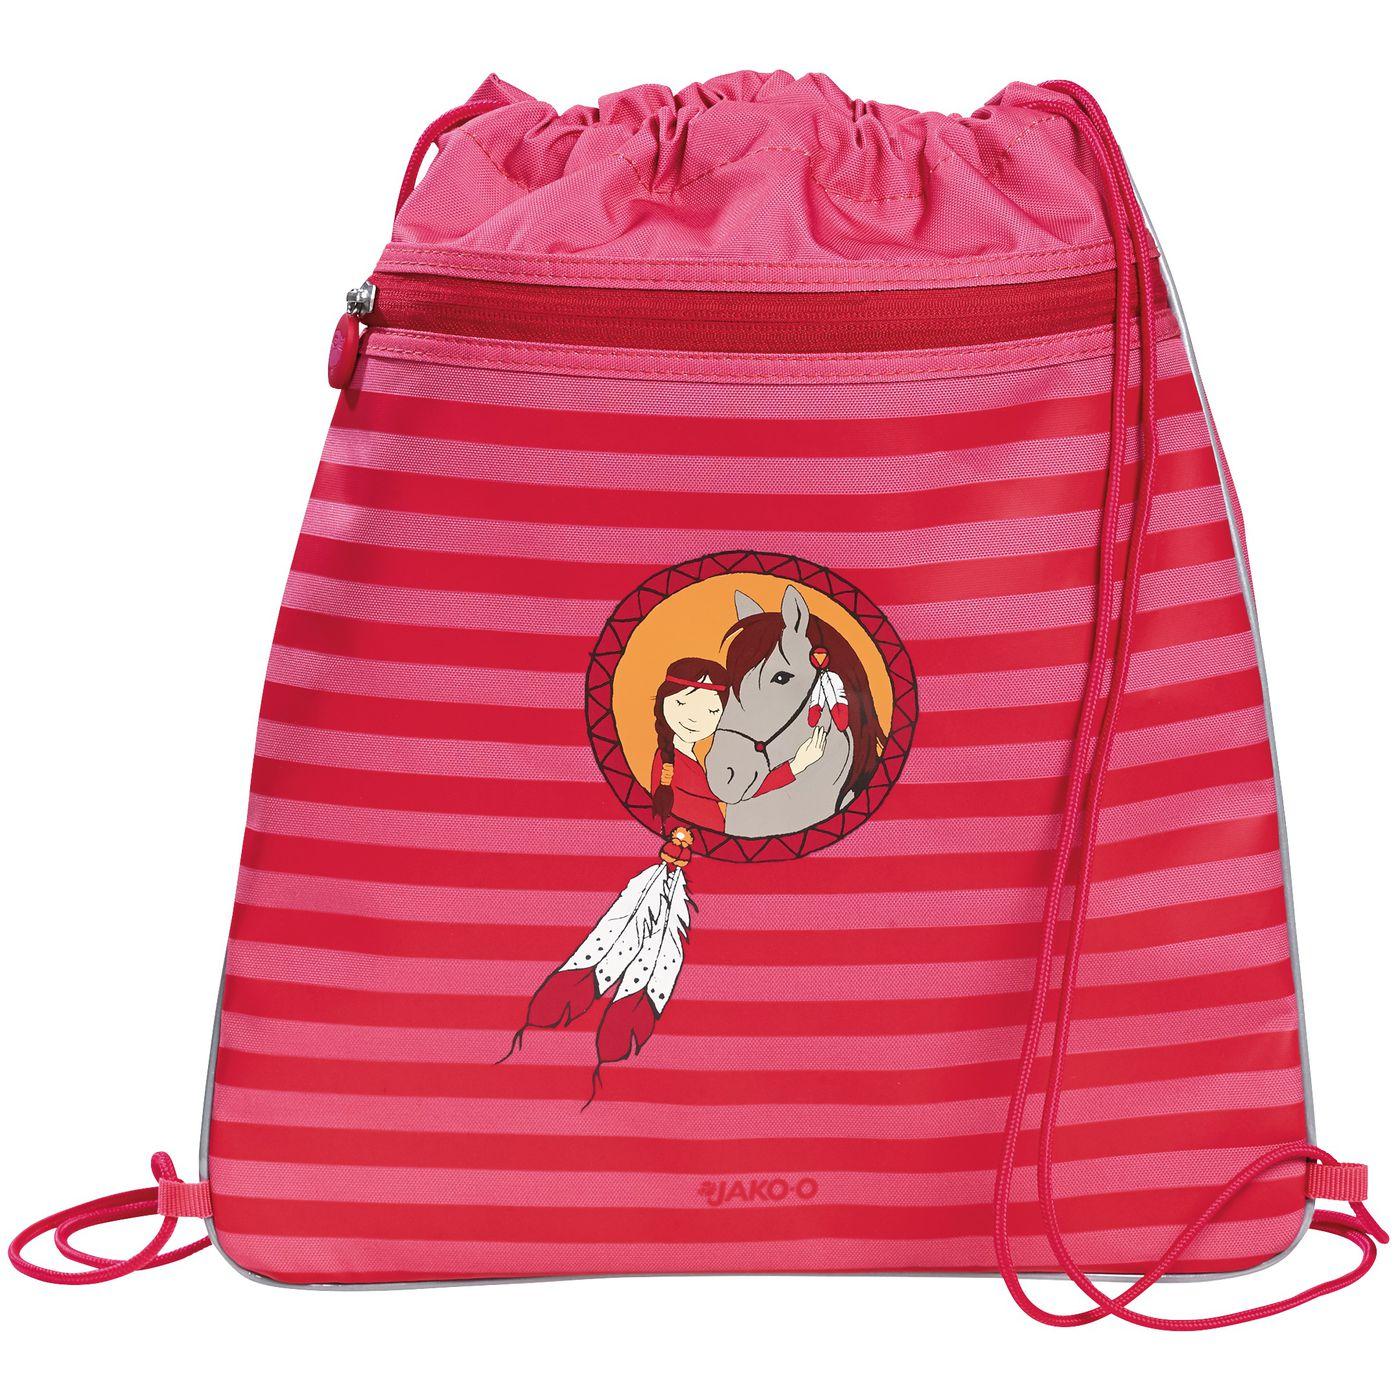 Спортивную сумку JAKO‑O мотивы